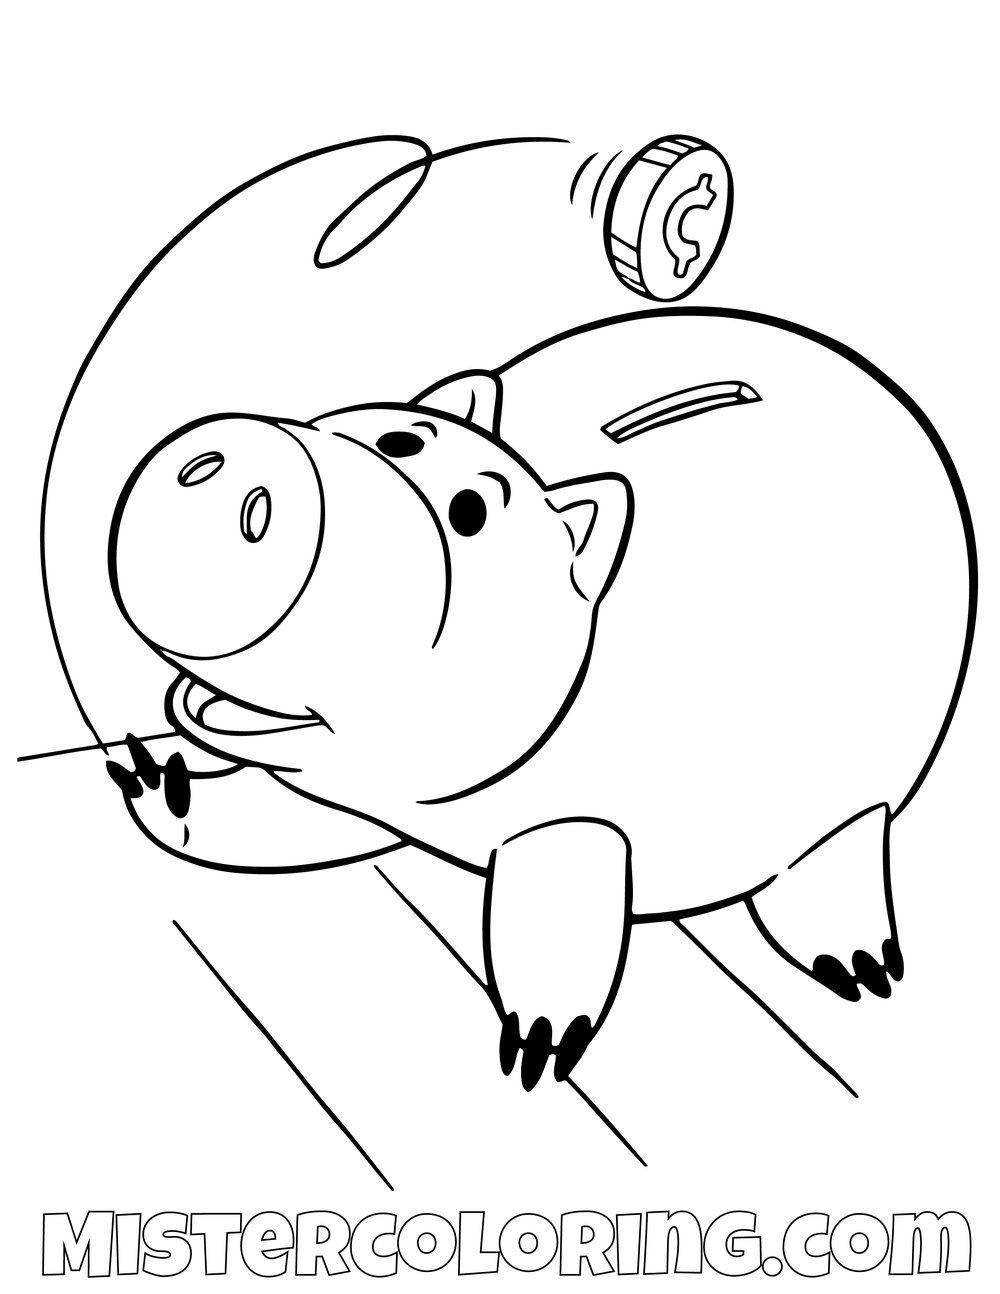 Pin On Mini Cartooning